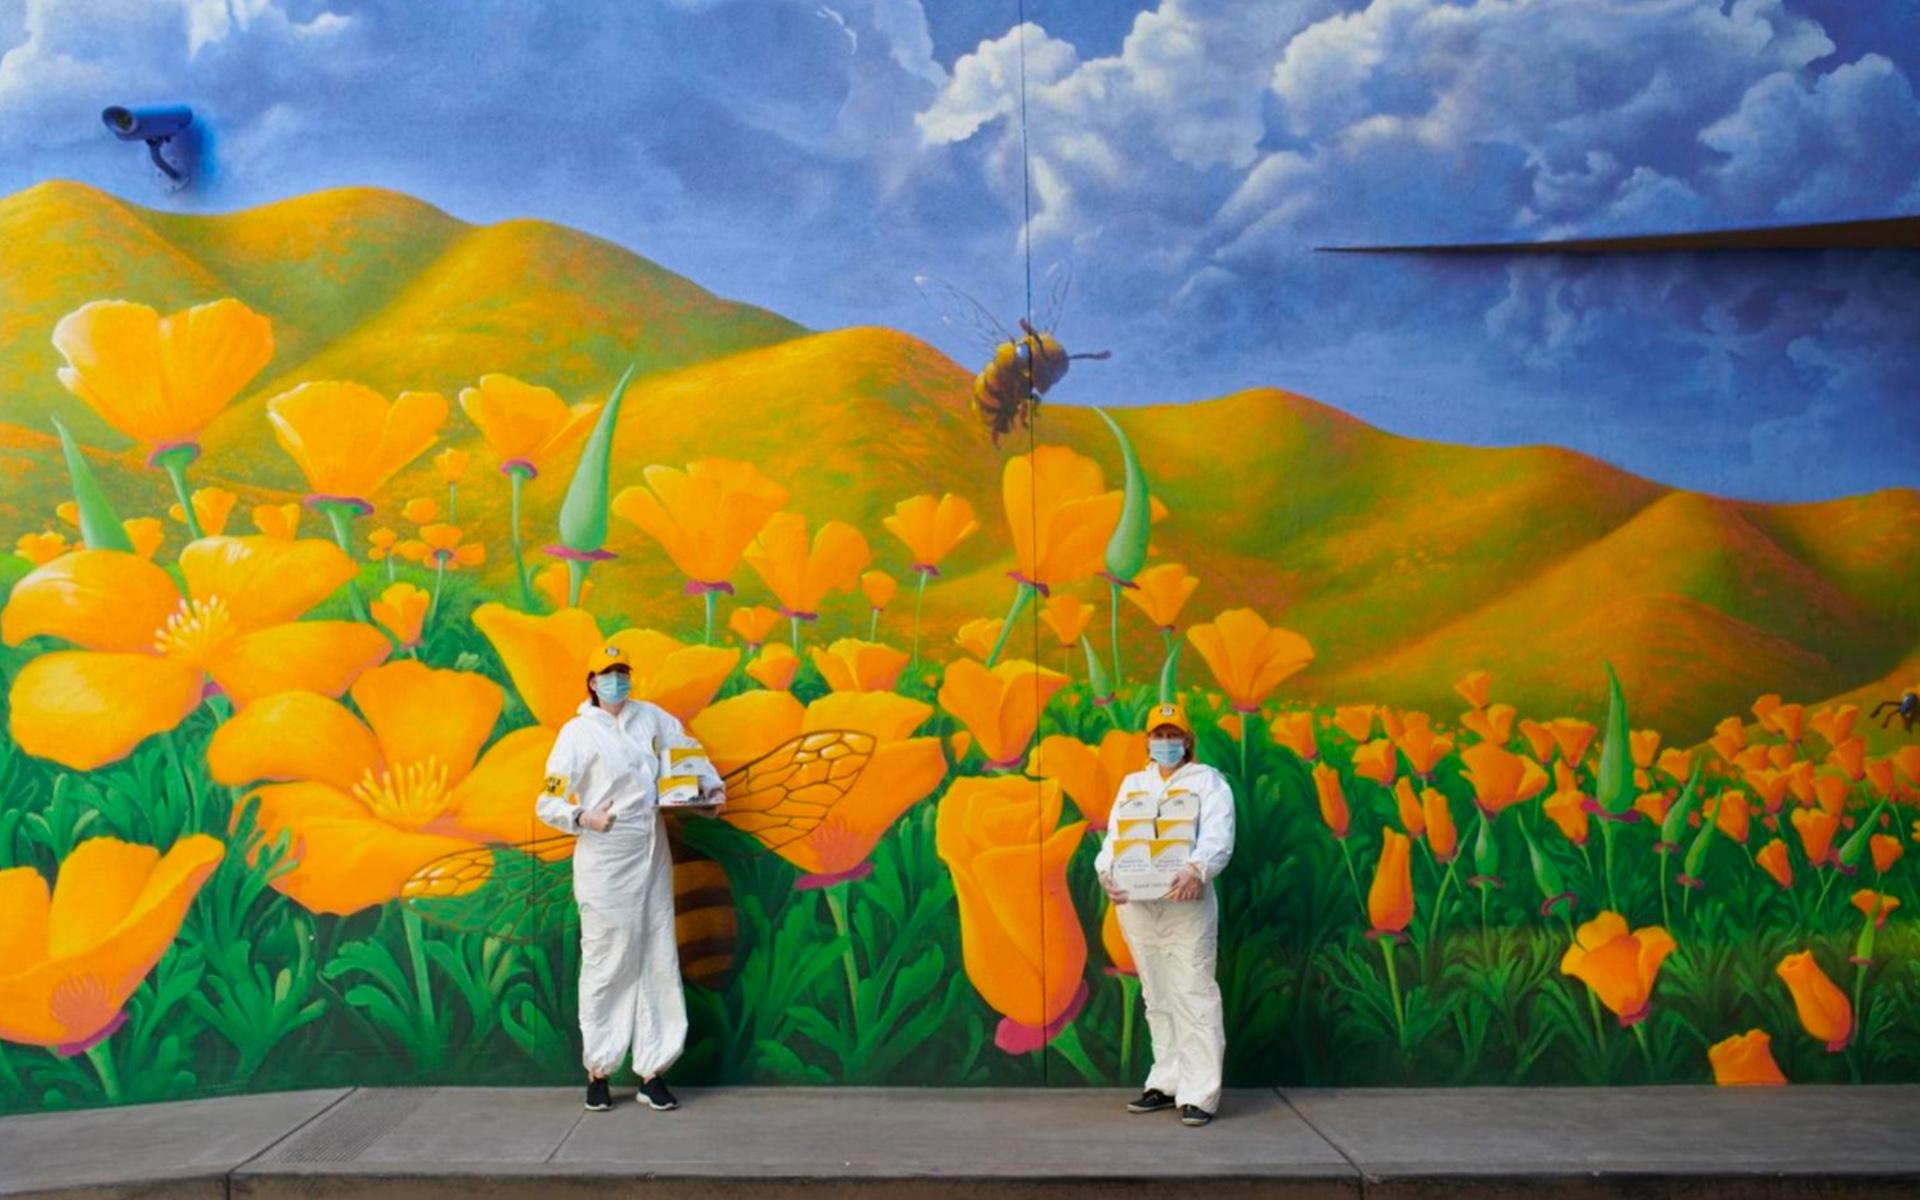 Scientologičtí dobrovolní duchovní v Kalifornském hlavním městě podporují prevenci, aby pomohli zploštit křivku nákazy koronavirem